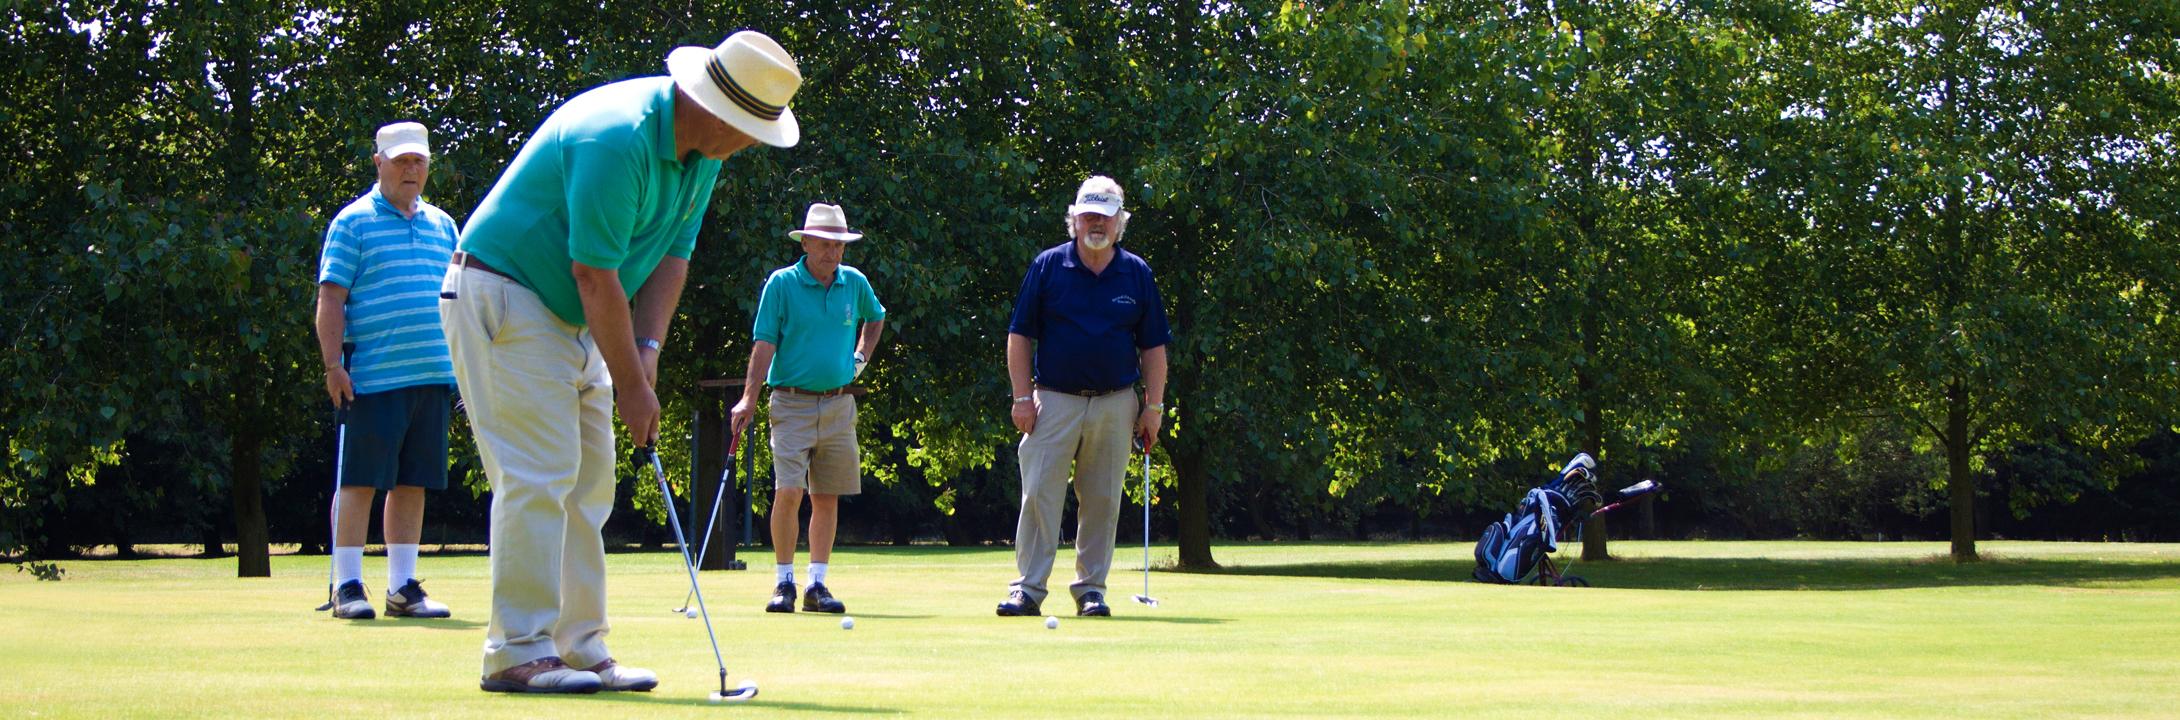 Golf at Woodthorpe Leisure Park